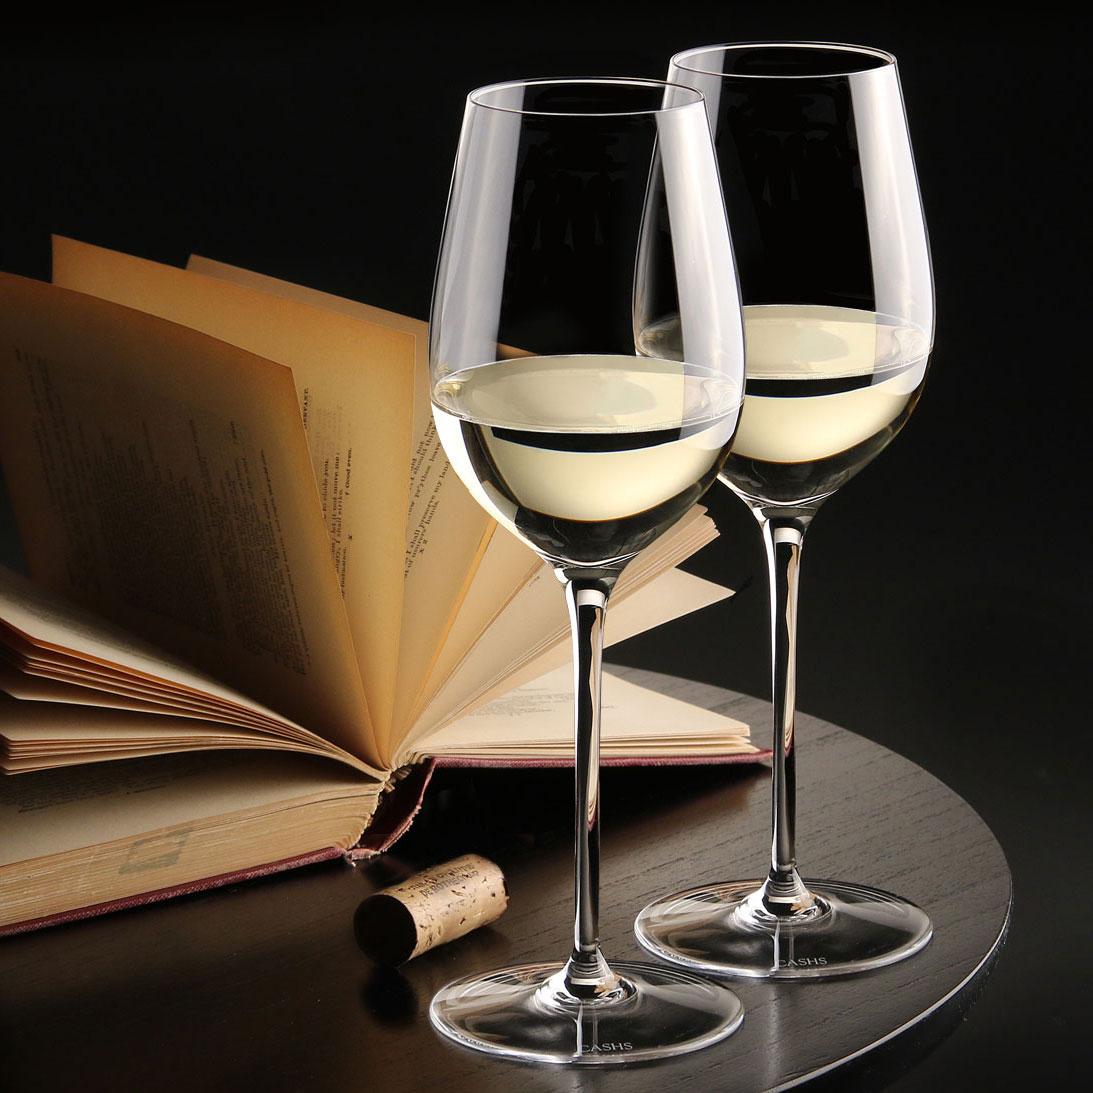 Cashs Ireland, Grand Cru Handmade, White Wine Crystal Glasses, Pair